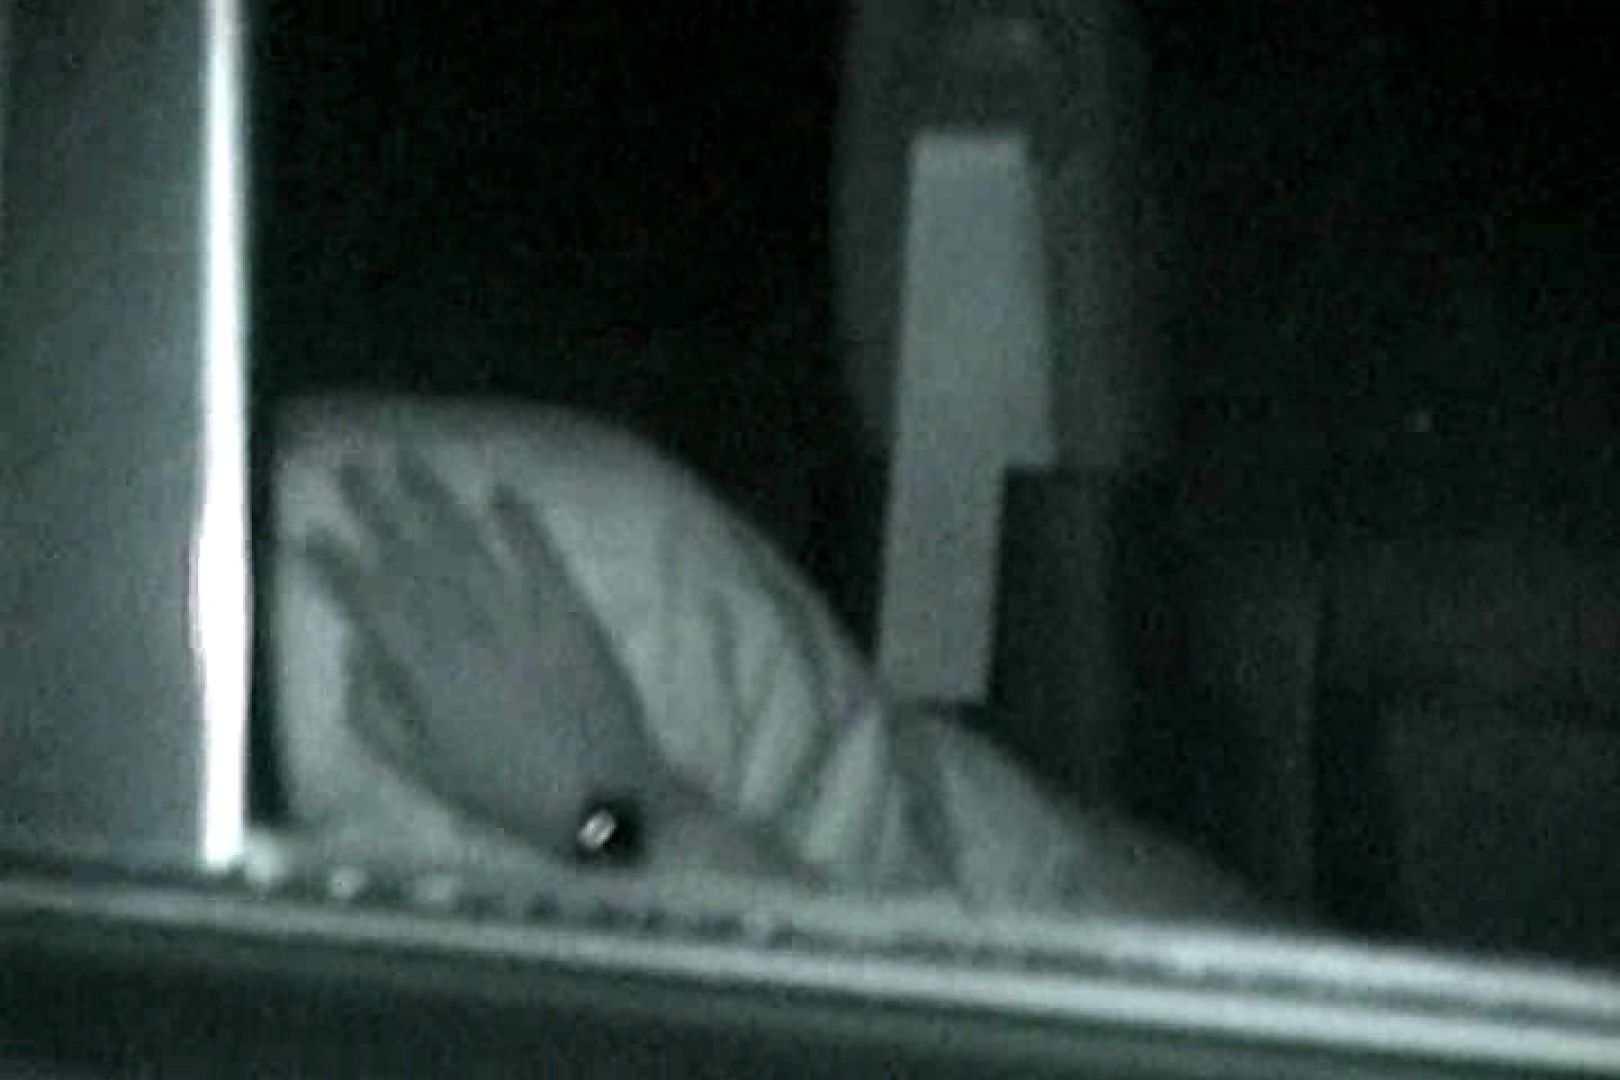 充血監督の深夜の運動会Vol.131 車中はめどり AV動画キャプチャ 93画像 46